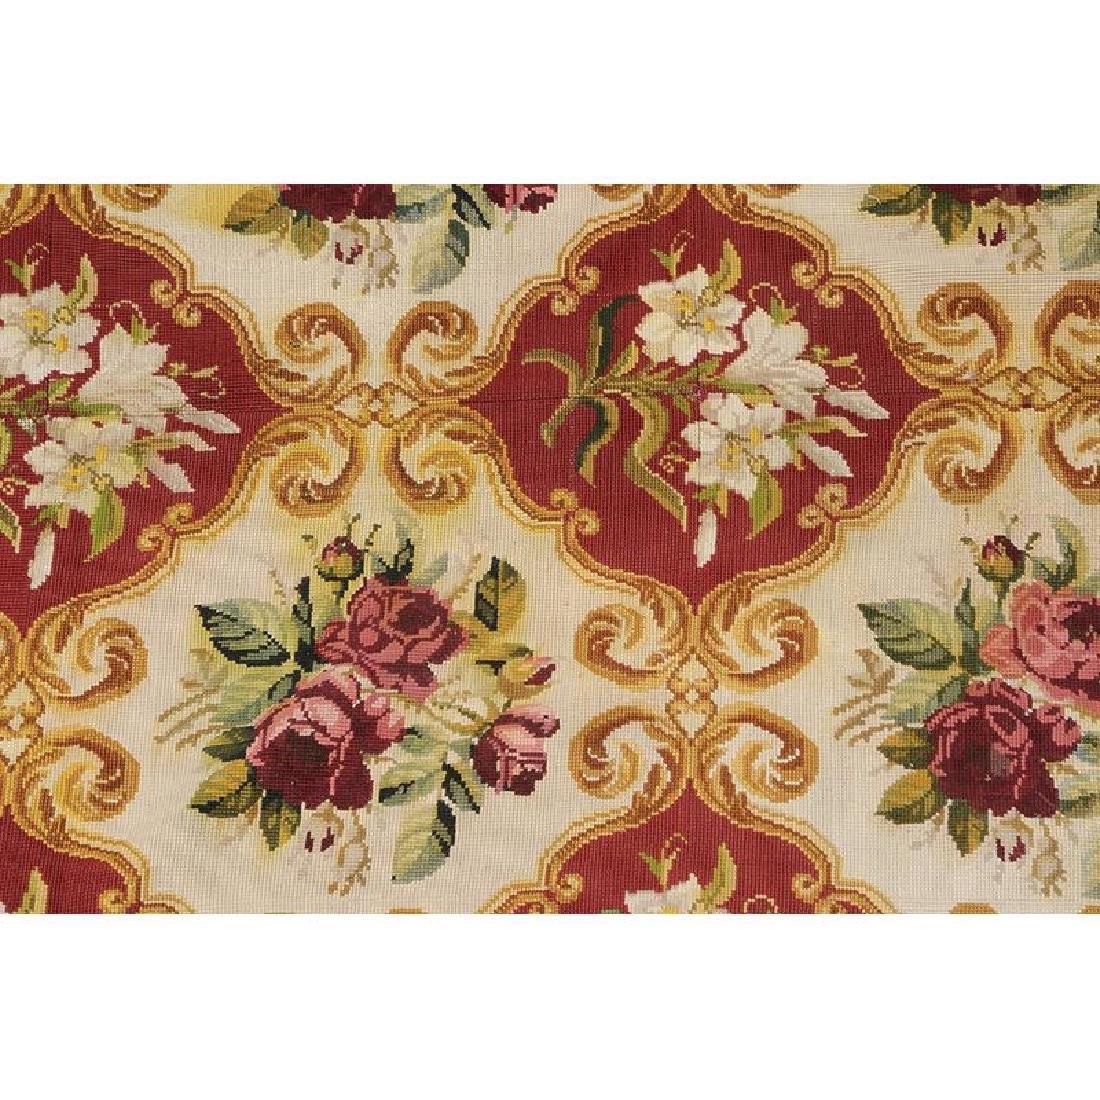 English Needlework Carpet - 4